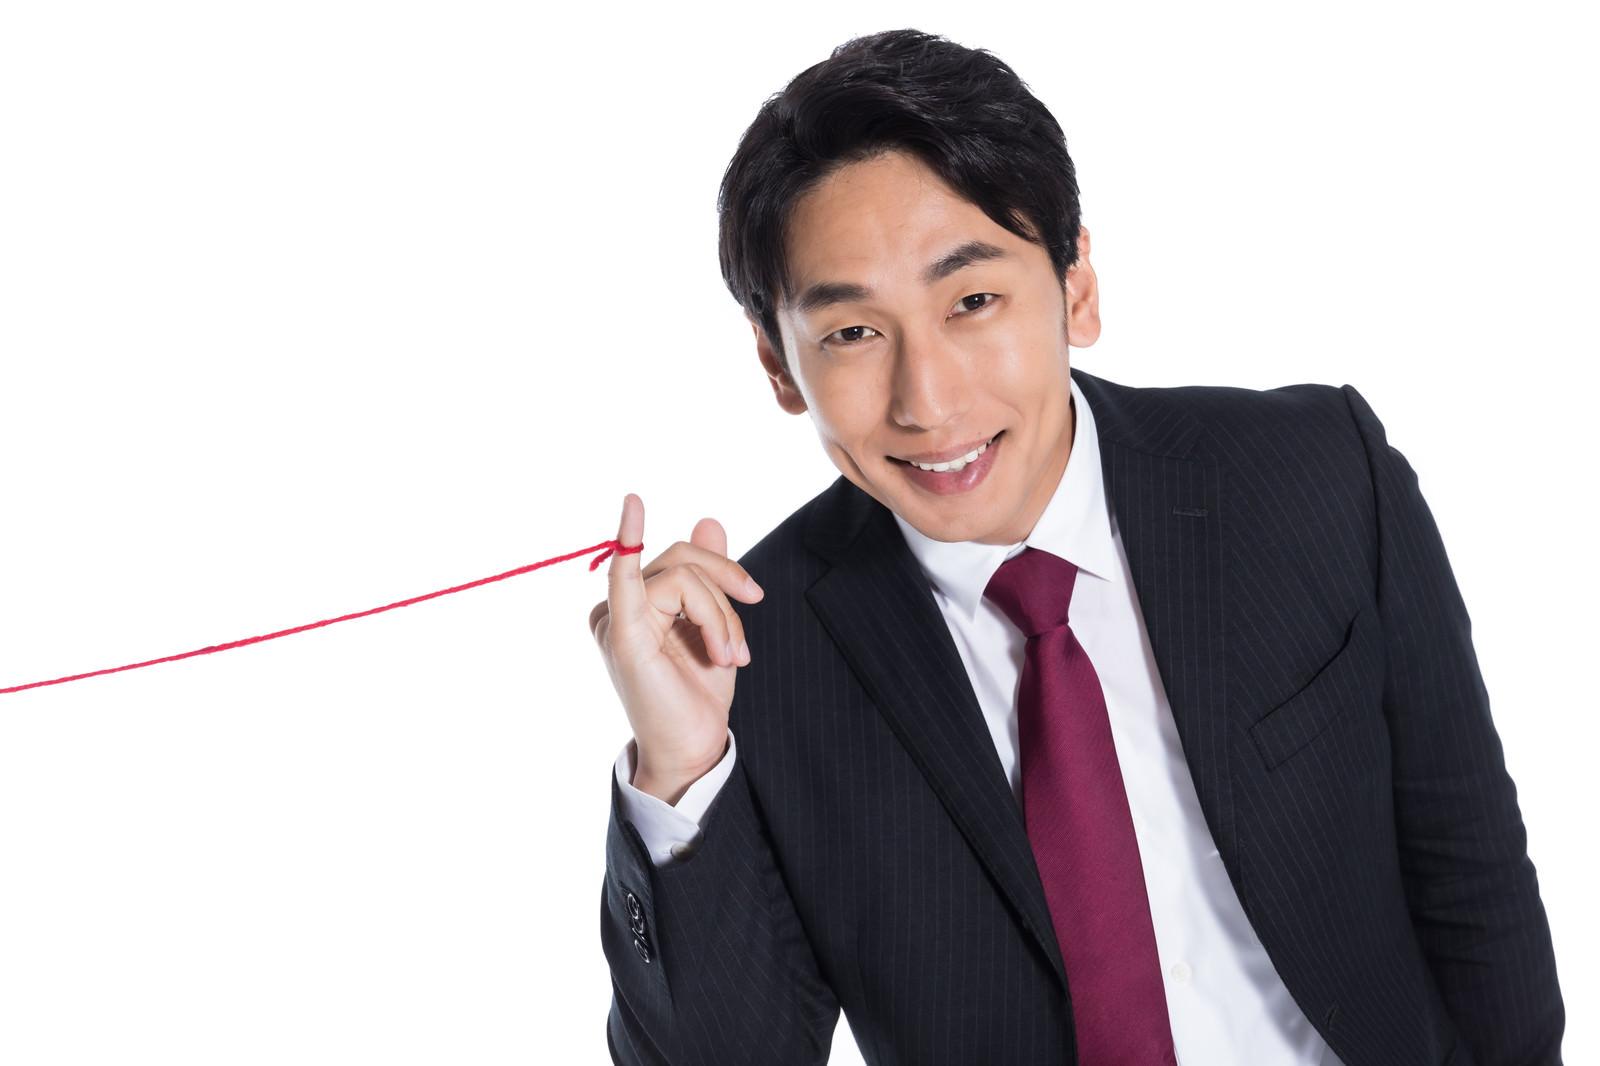 「運命の赤い糸を見せびらかす男性」の写真[モデル:大川竜弥]